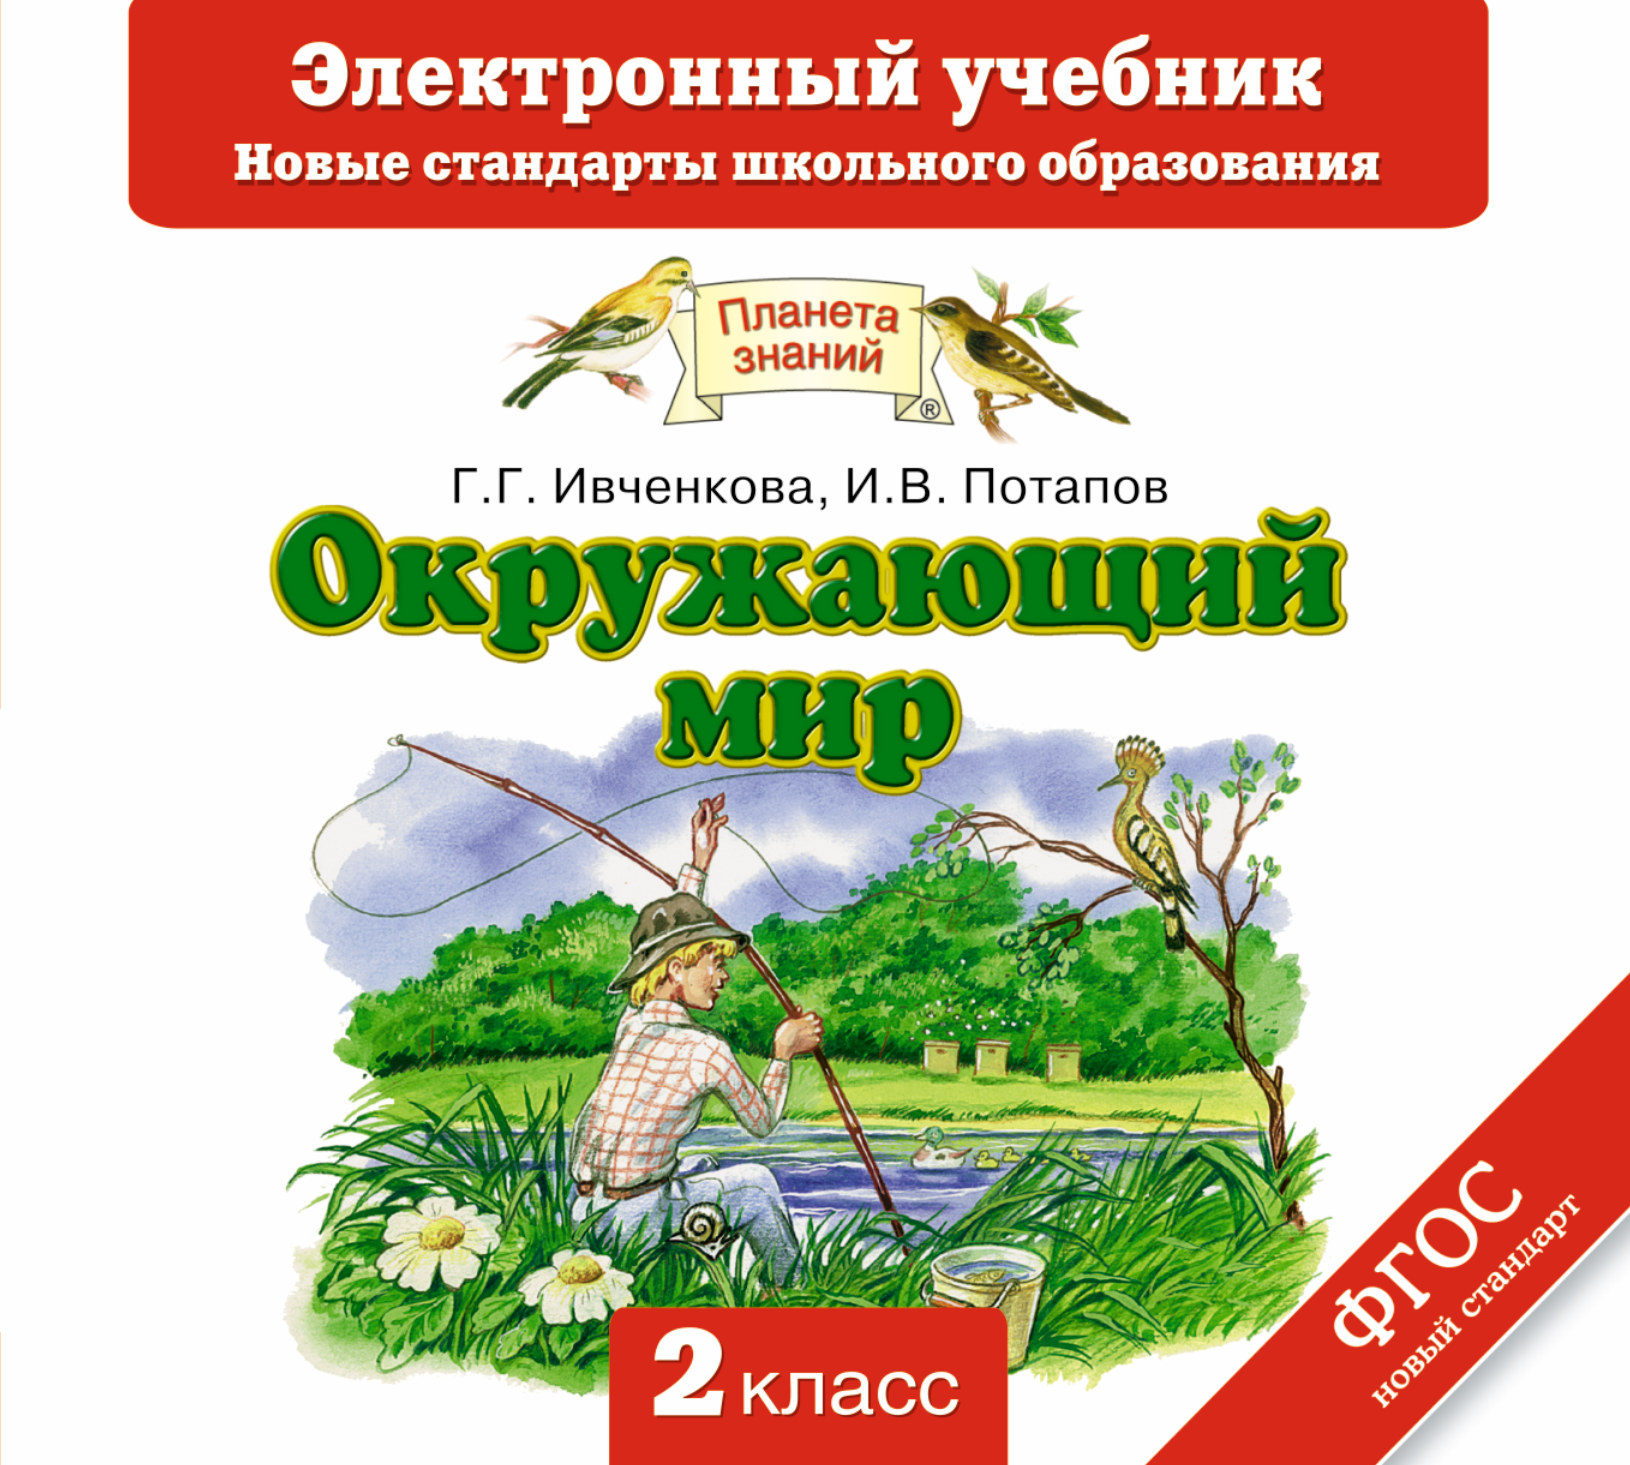 Ивченкова Г.Г., Потапов И.В. Окружающий мир. 2 класс. Электронный учебник (CD)